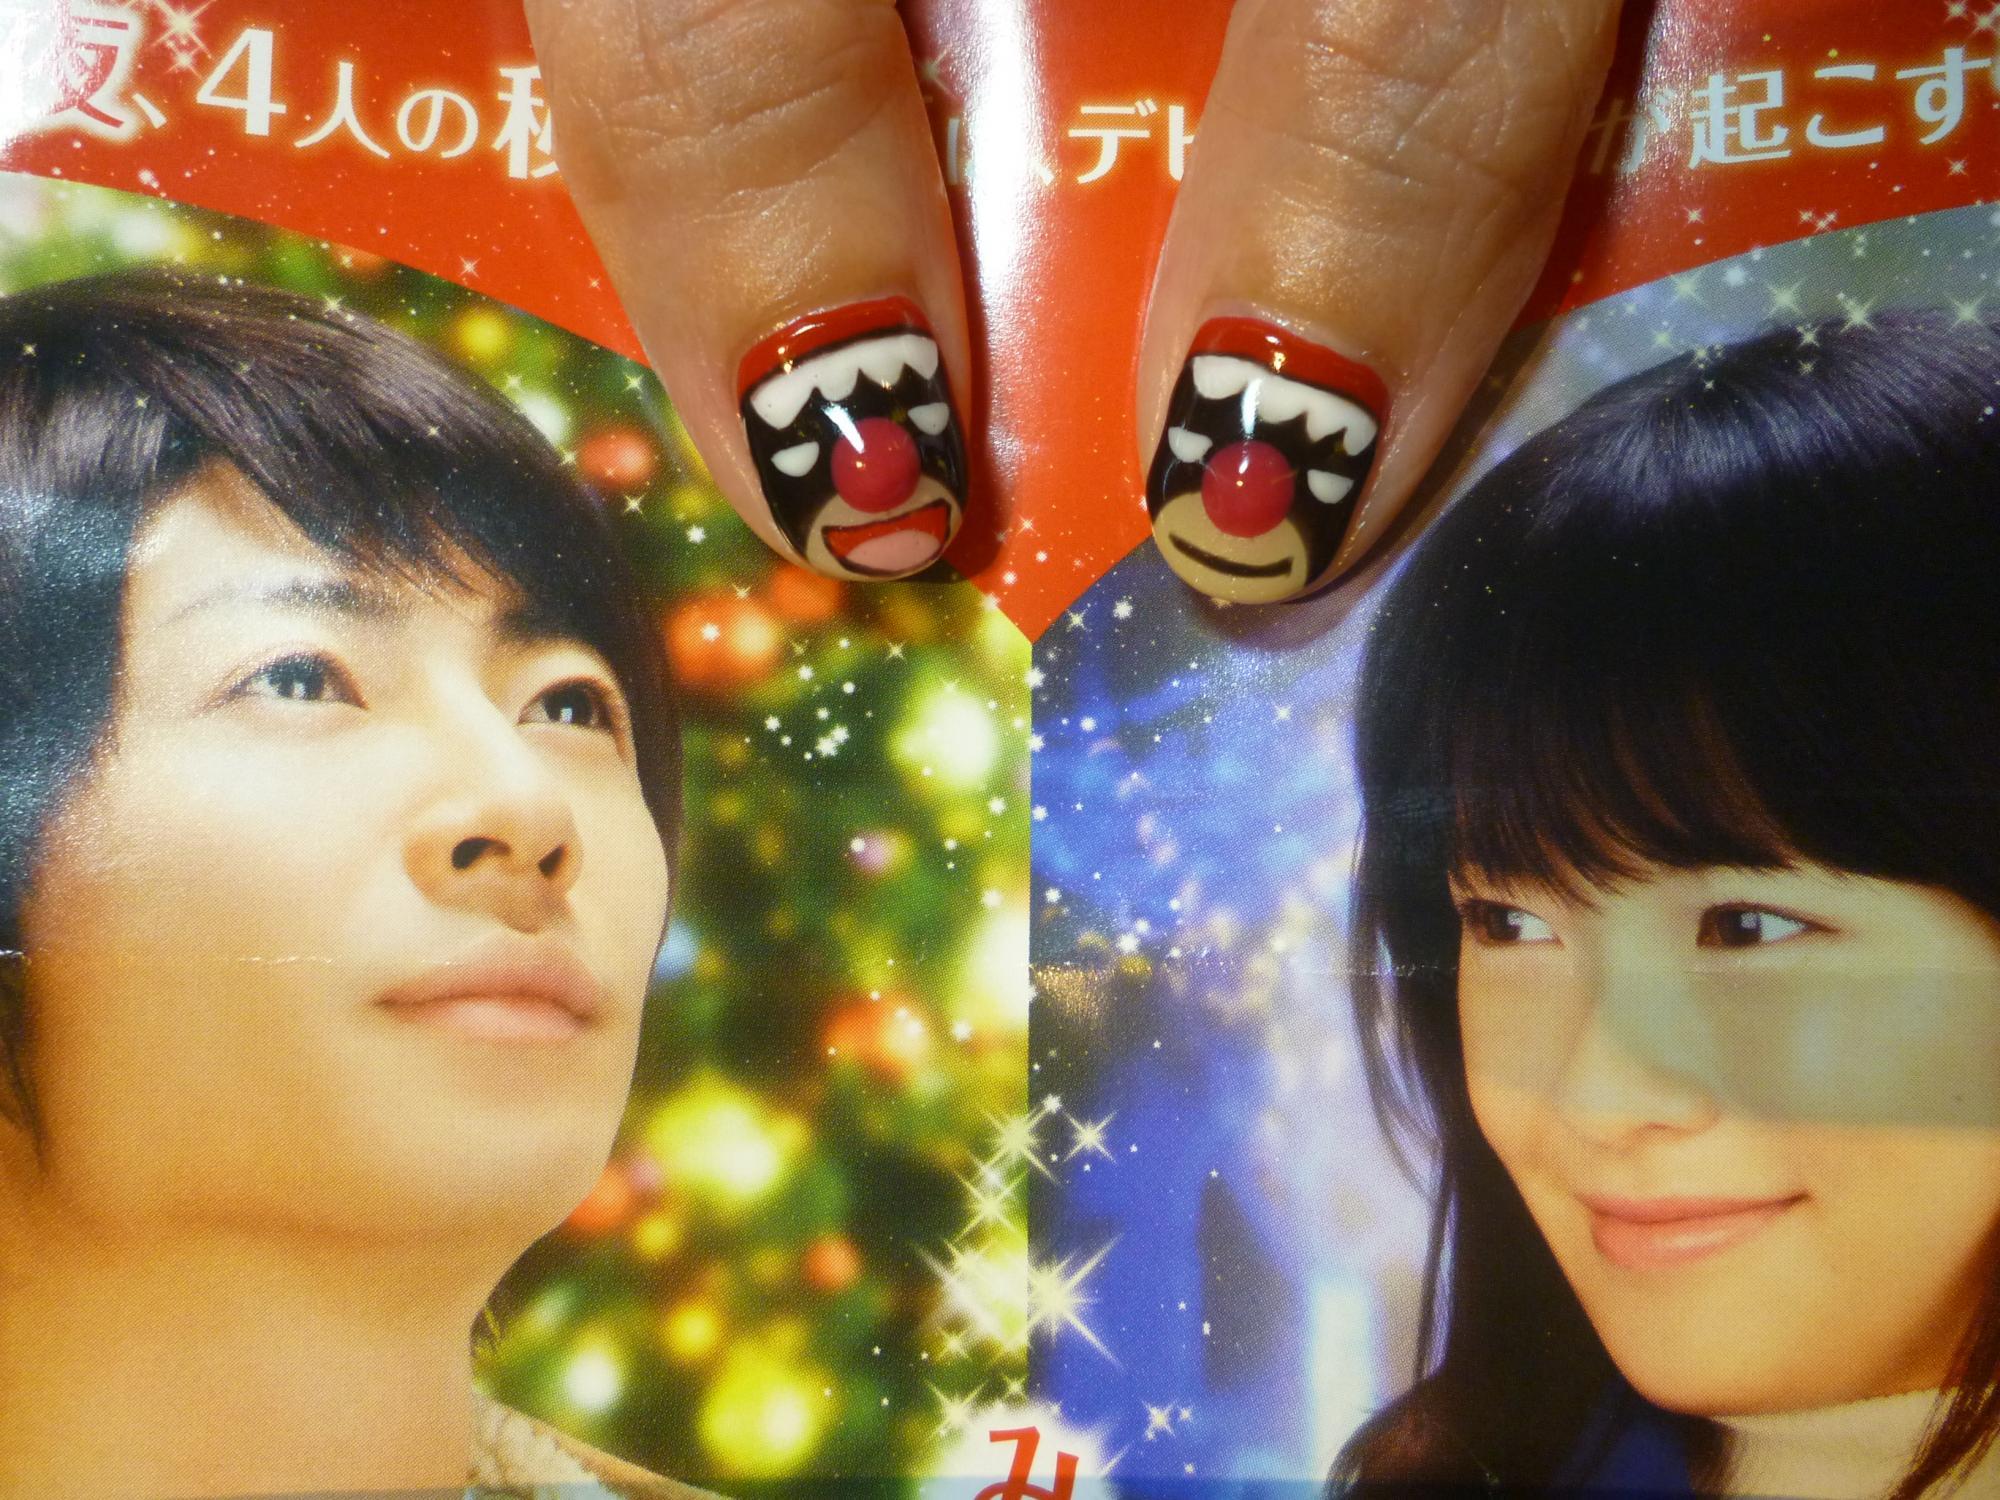 2014ネイルデザイン MIRACLEデビクロくんの恋と魔法ネイル デビクロくんネイル